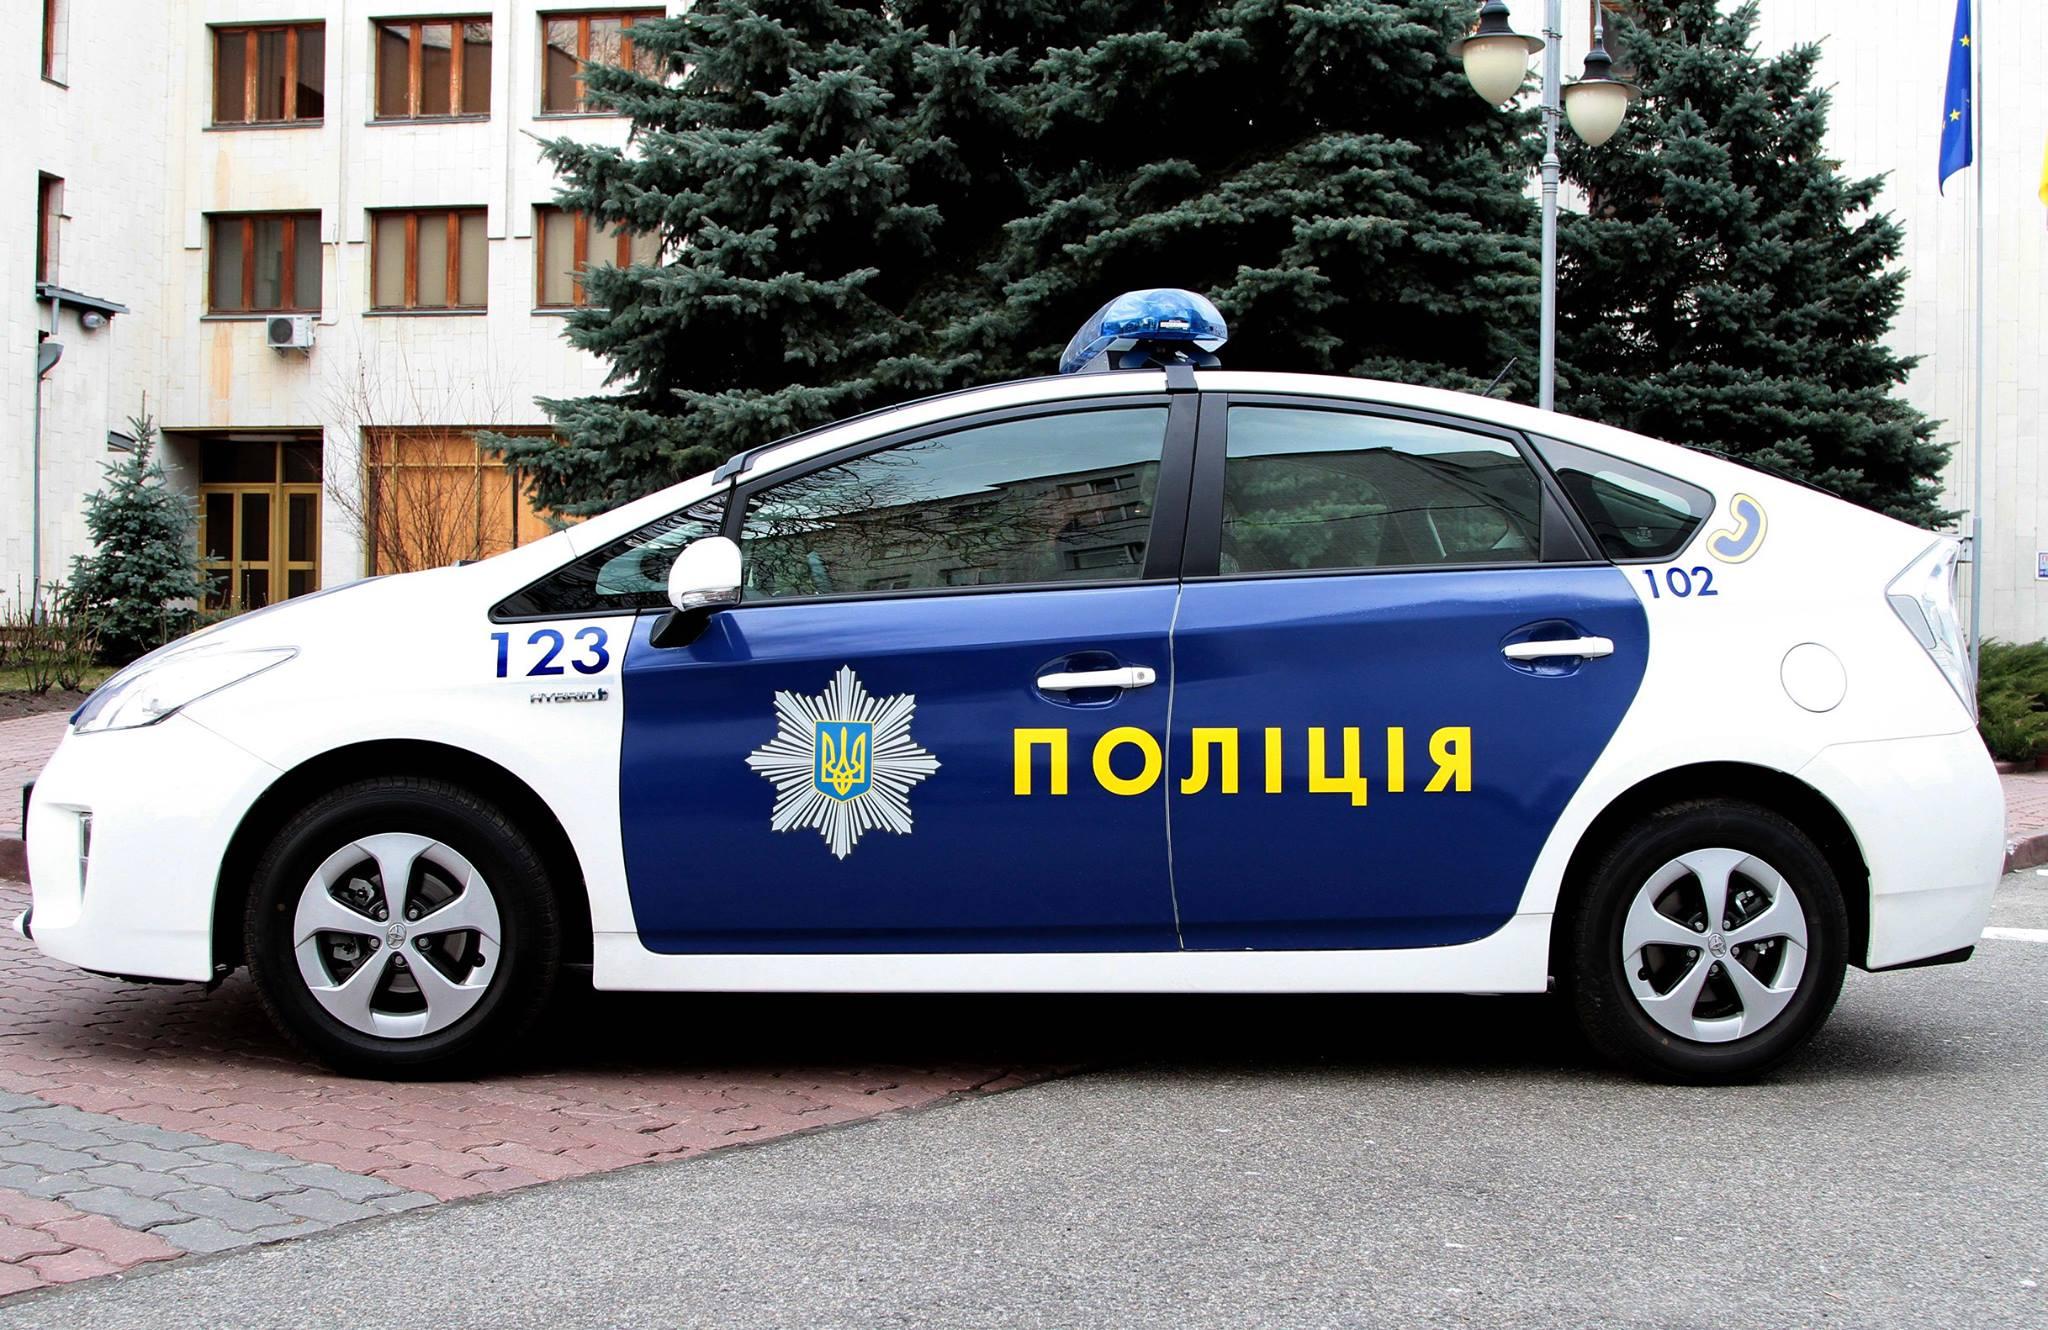 Розыск машин в украине фото 3